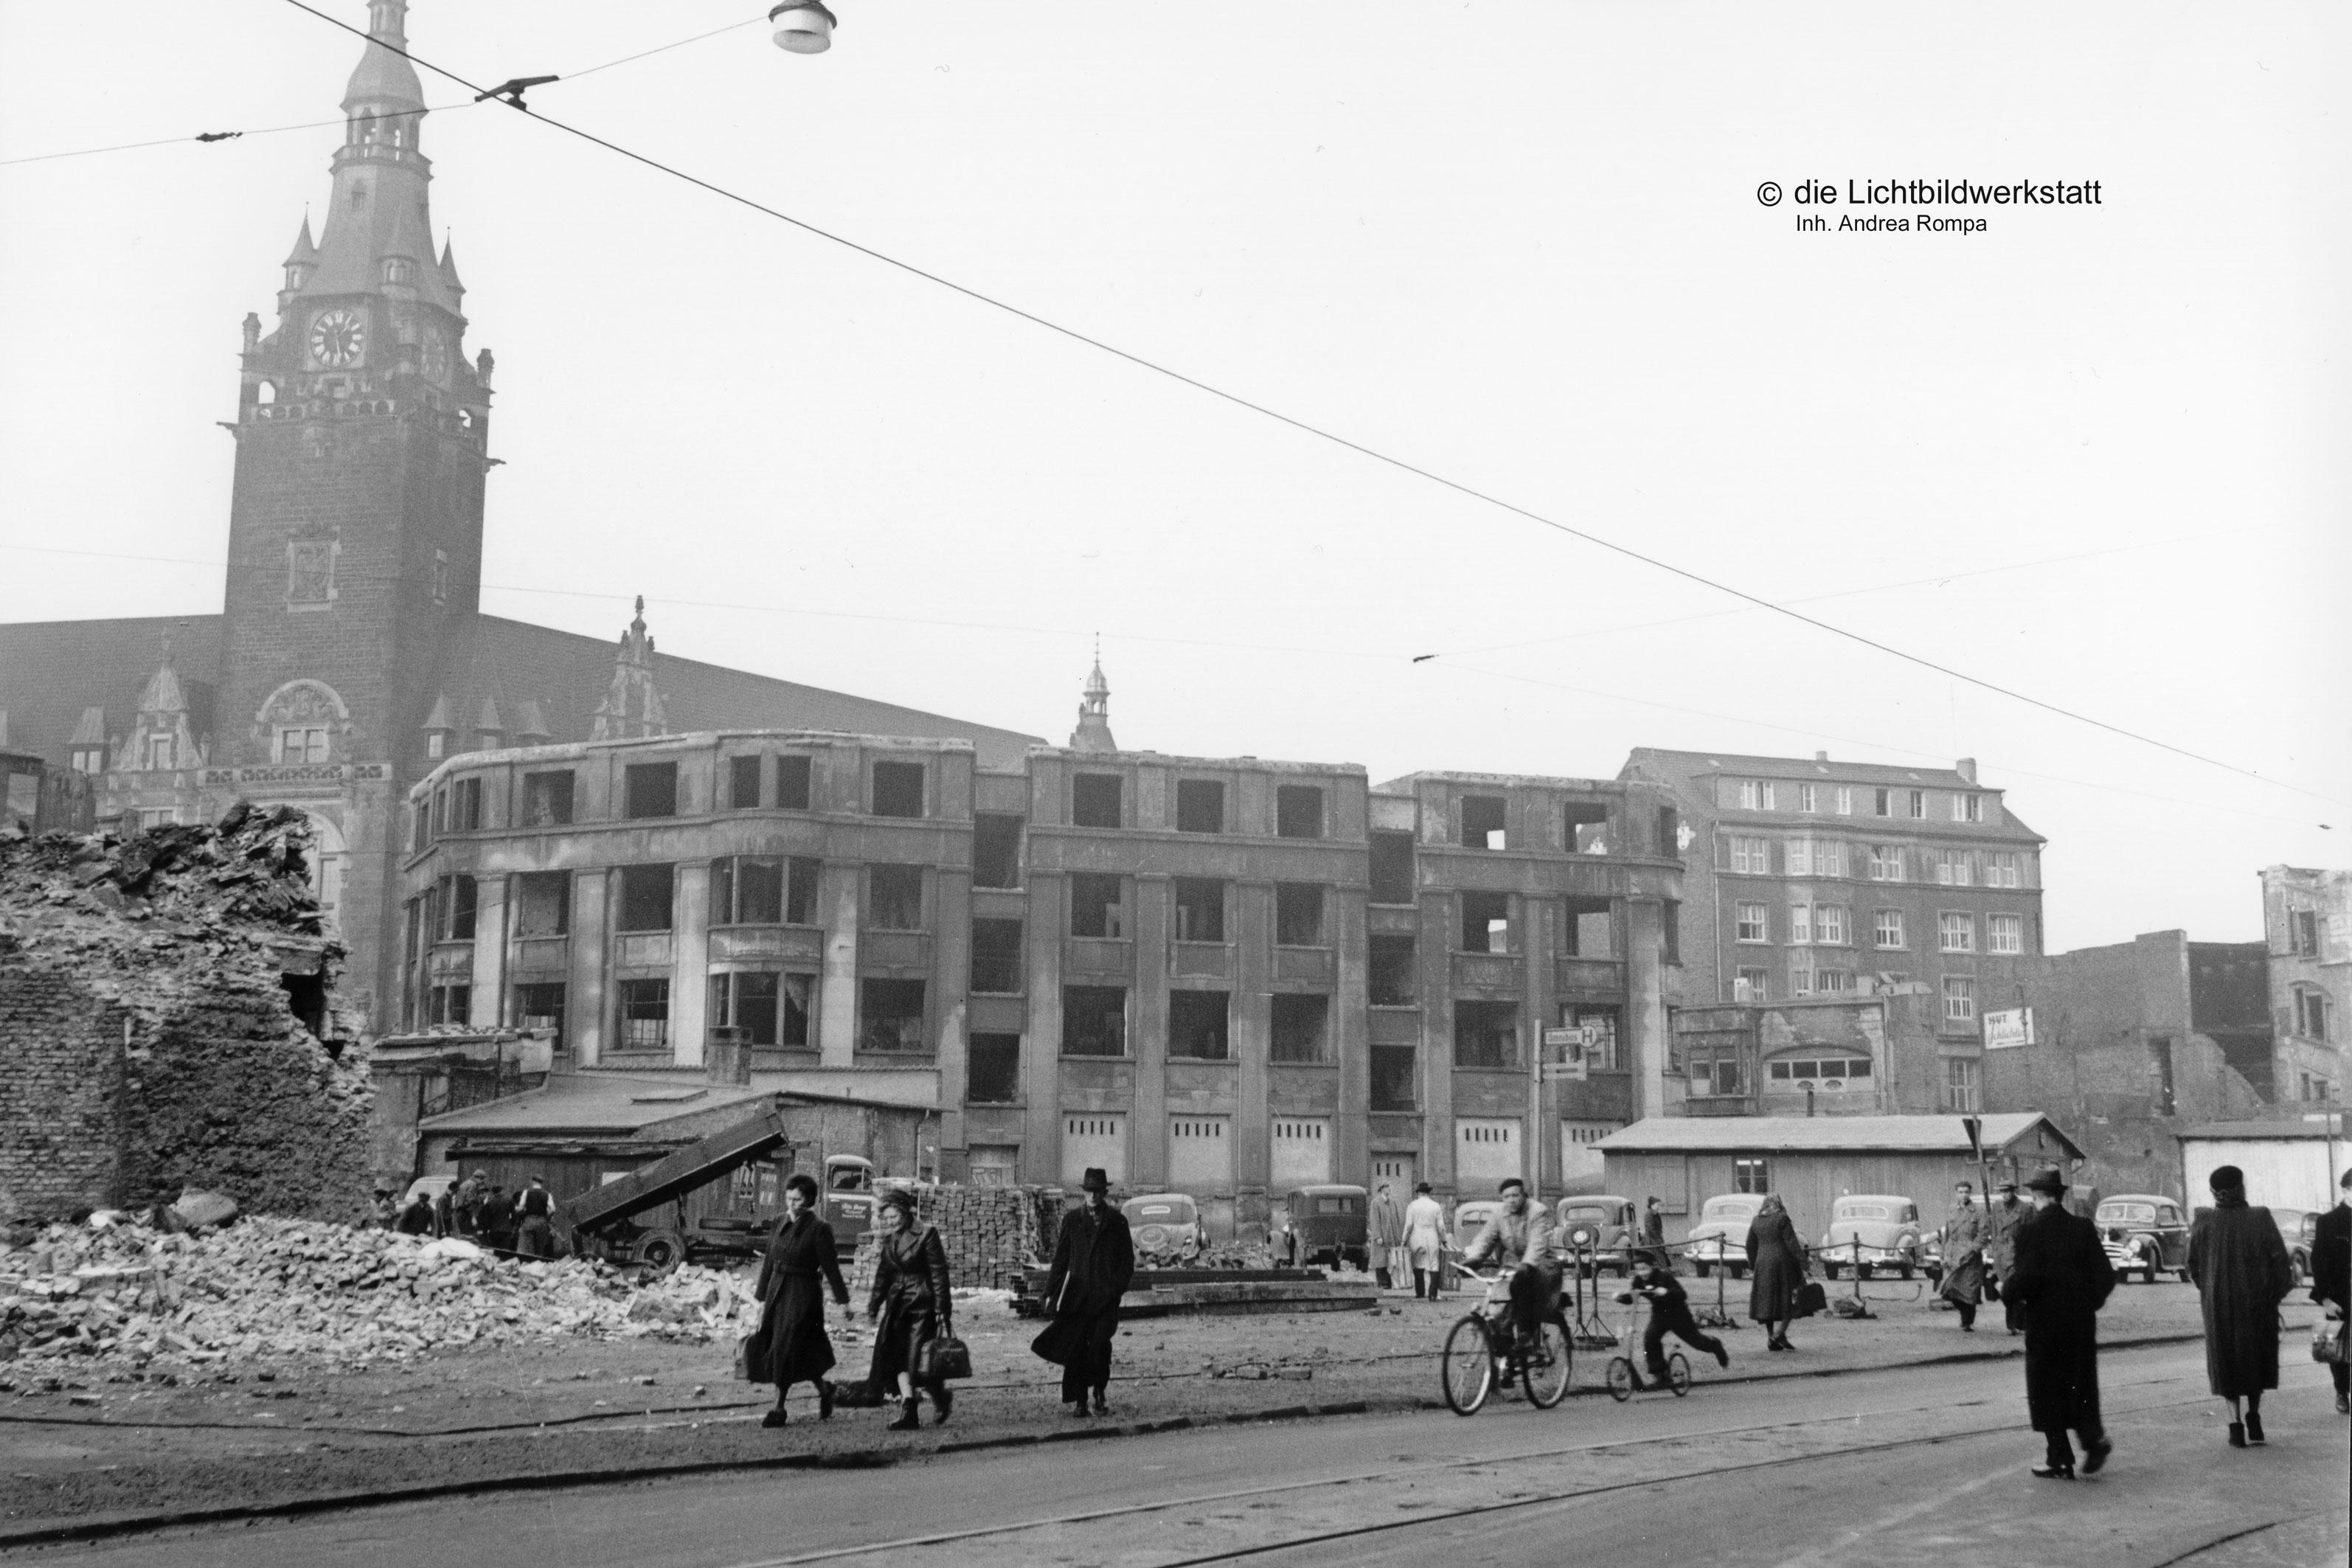 11_Rathaus_morianstr-_die-lichtbildwerkstatt